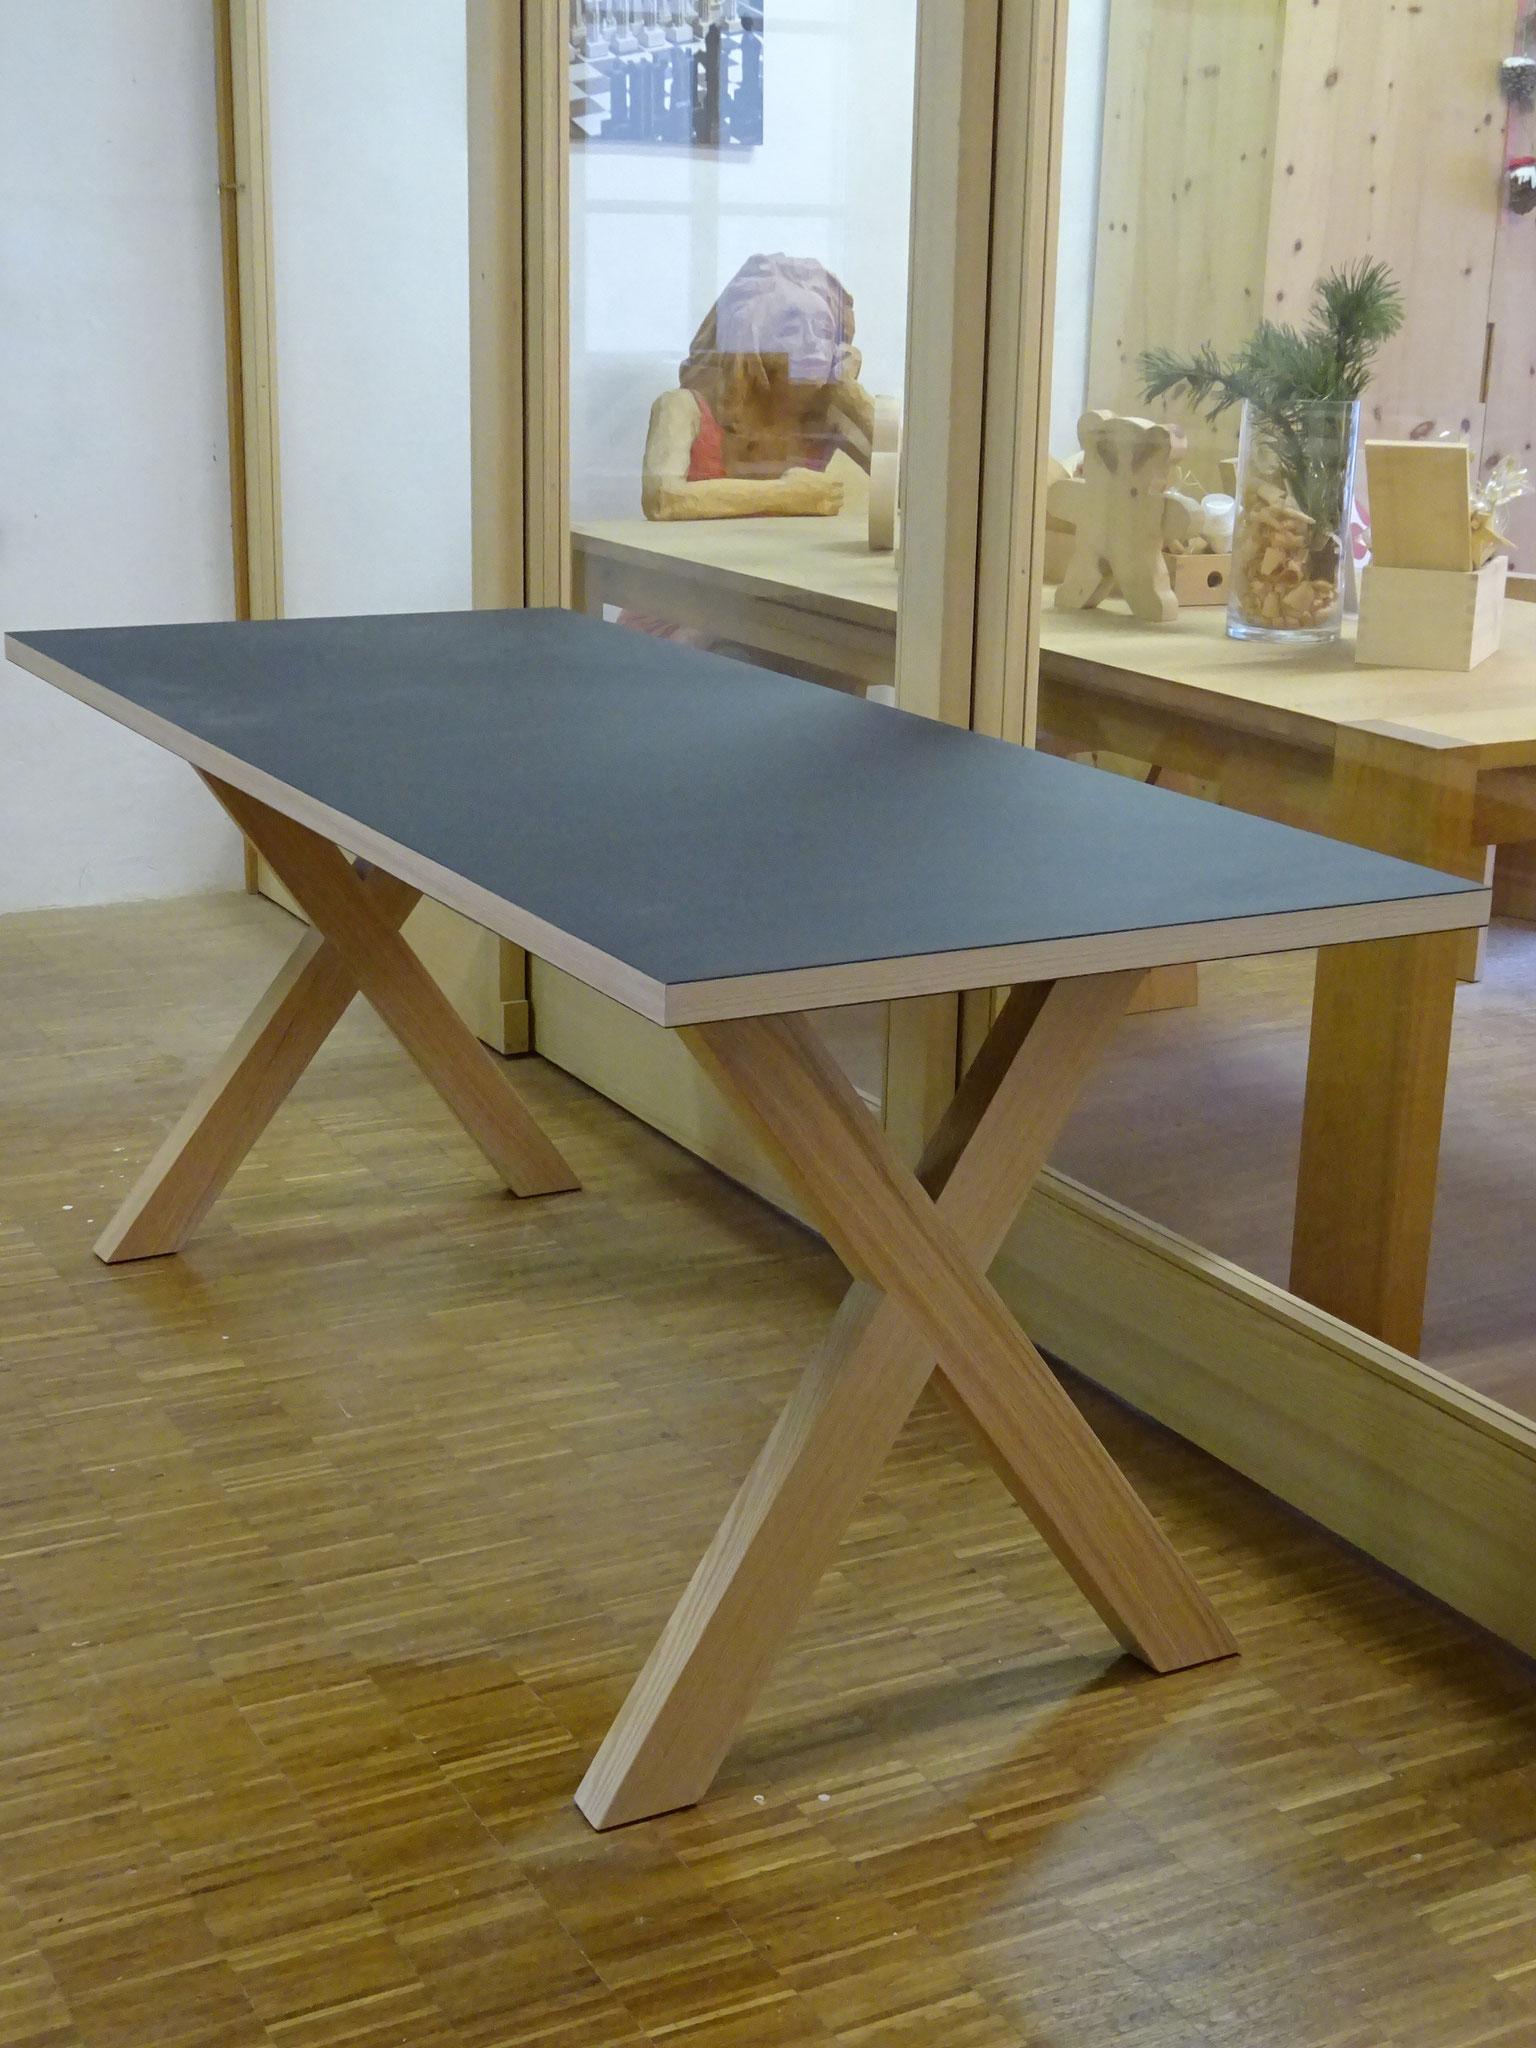 Tisch mit Linoleum-Tischplatte, ideal als Schreibtisch